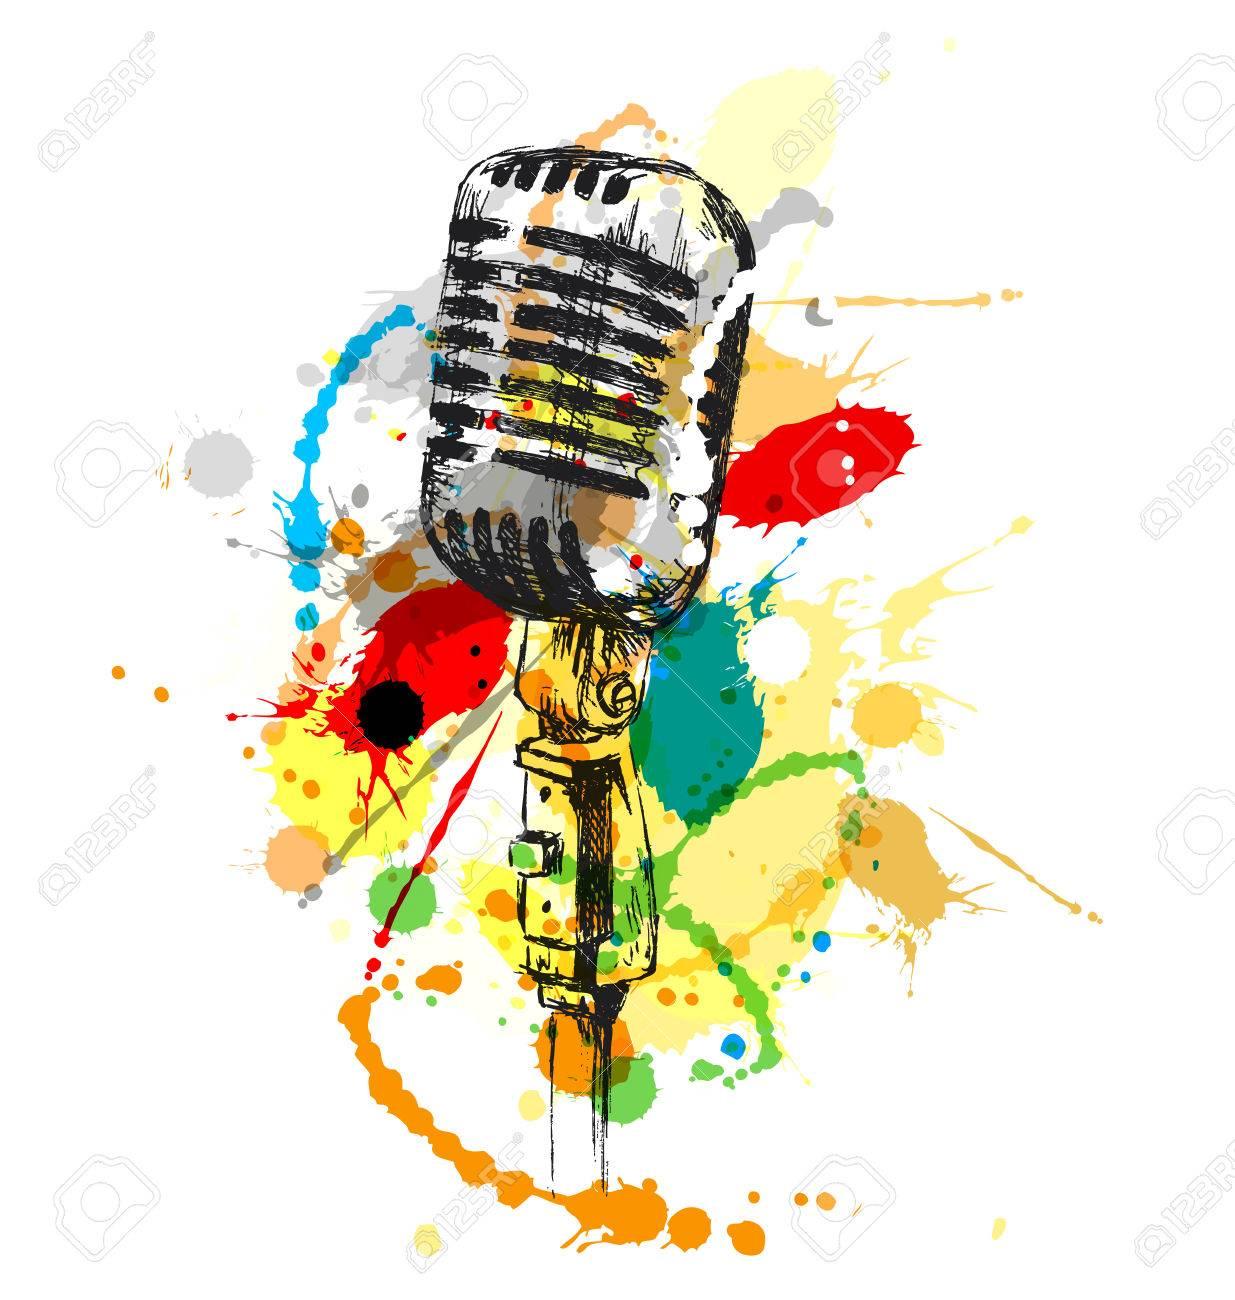 Color De Dibujo A Mano El Micrófono Pasado Ilustración Vectorial